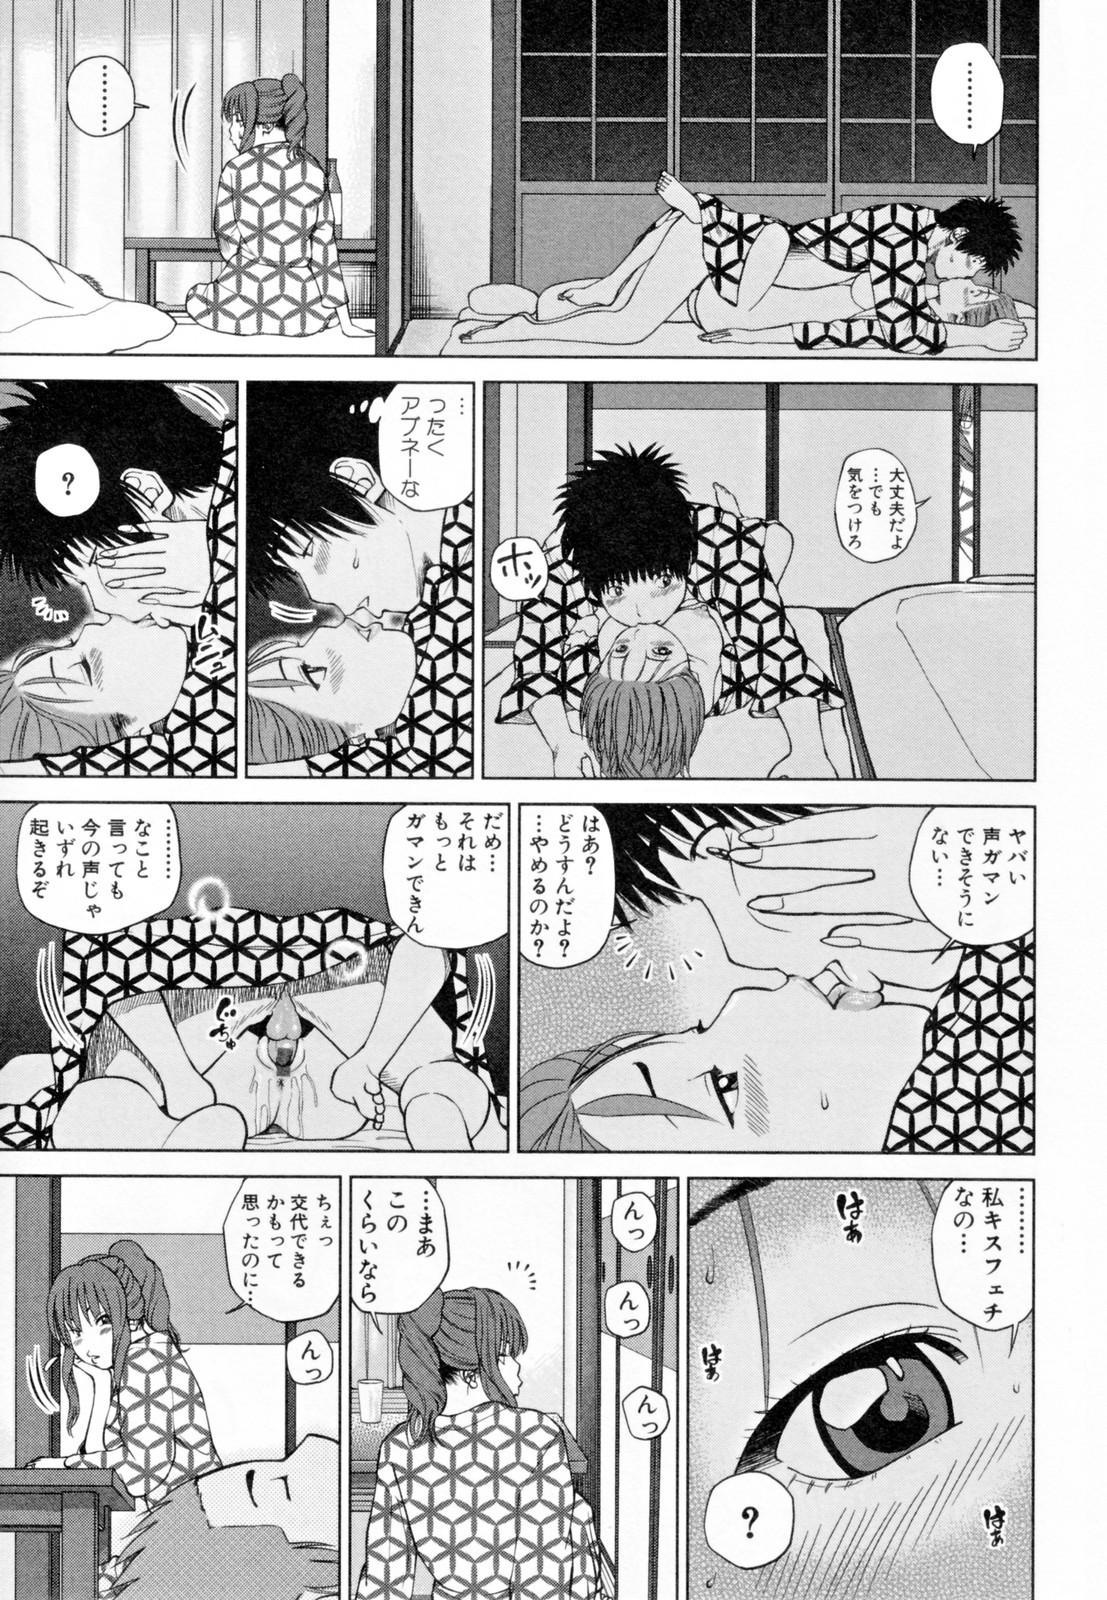 32 Sai Yokkyuufuman no Hitozuma 72